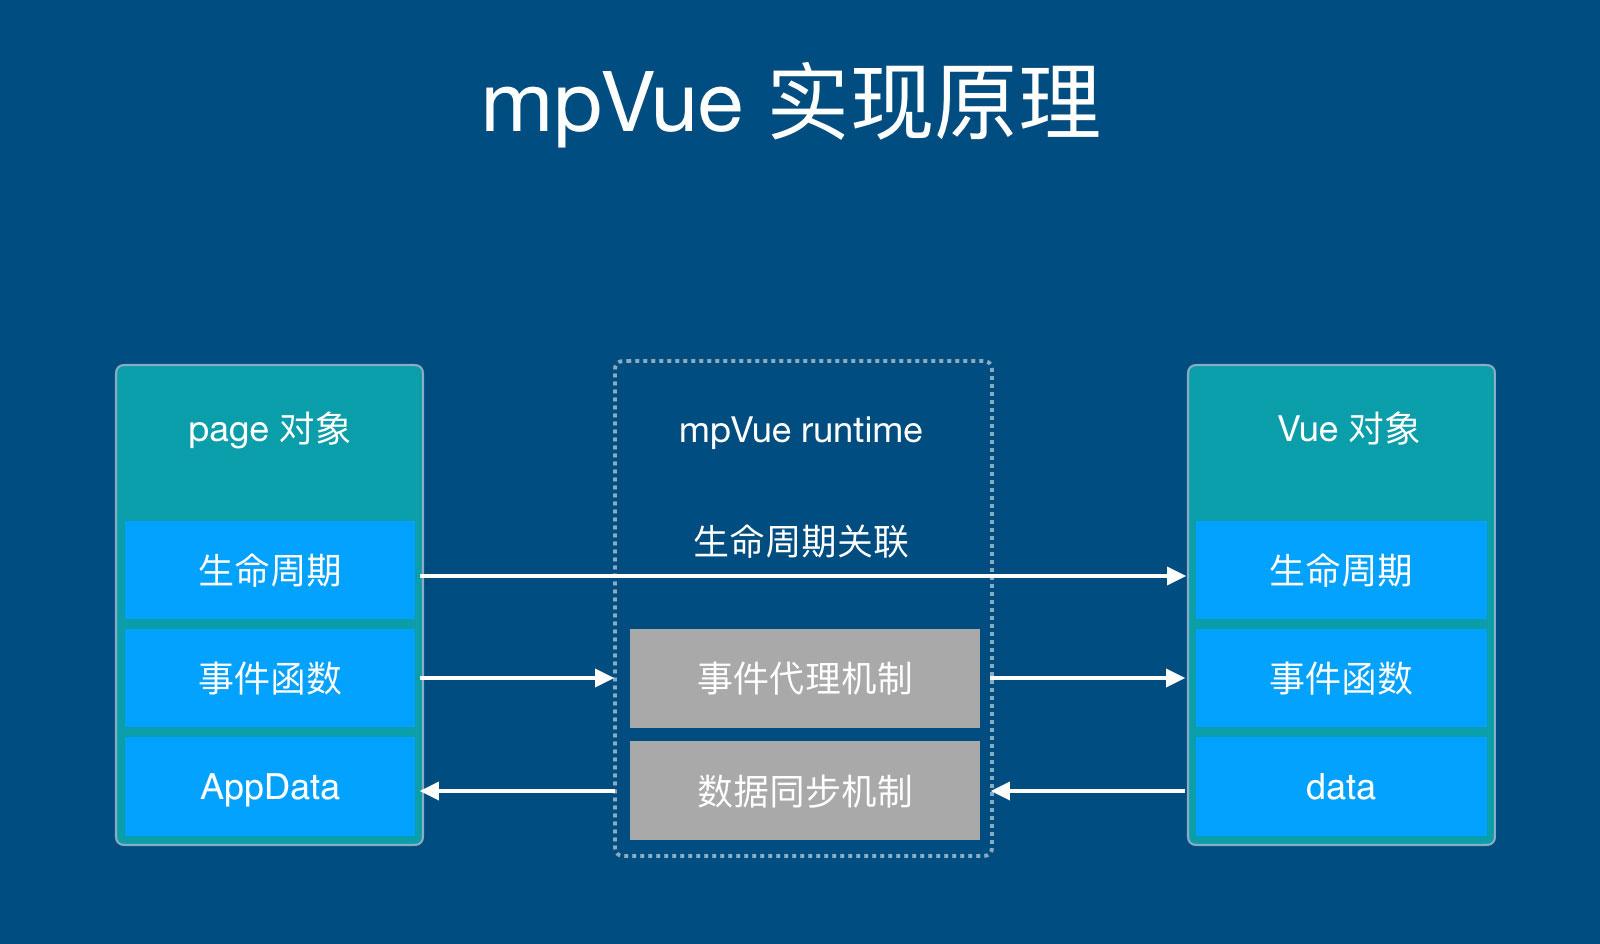 图2:mpvue 实现原理